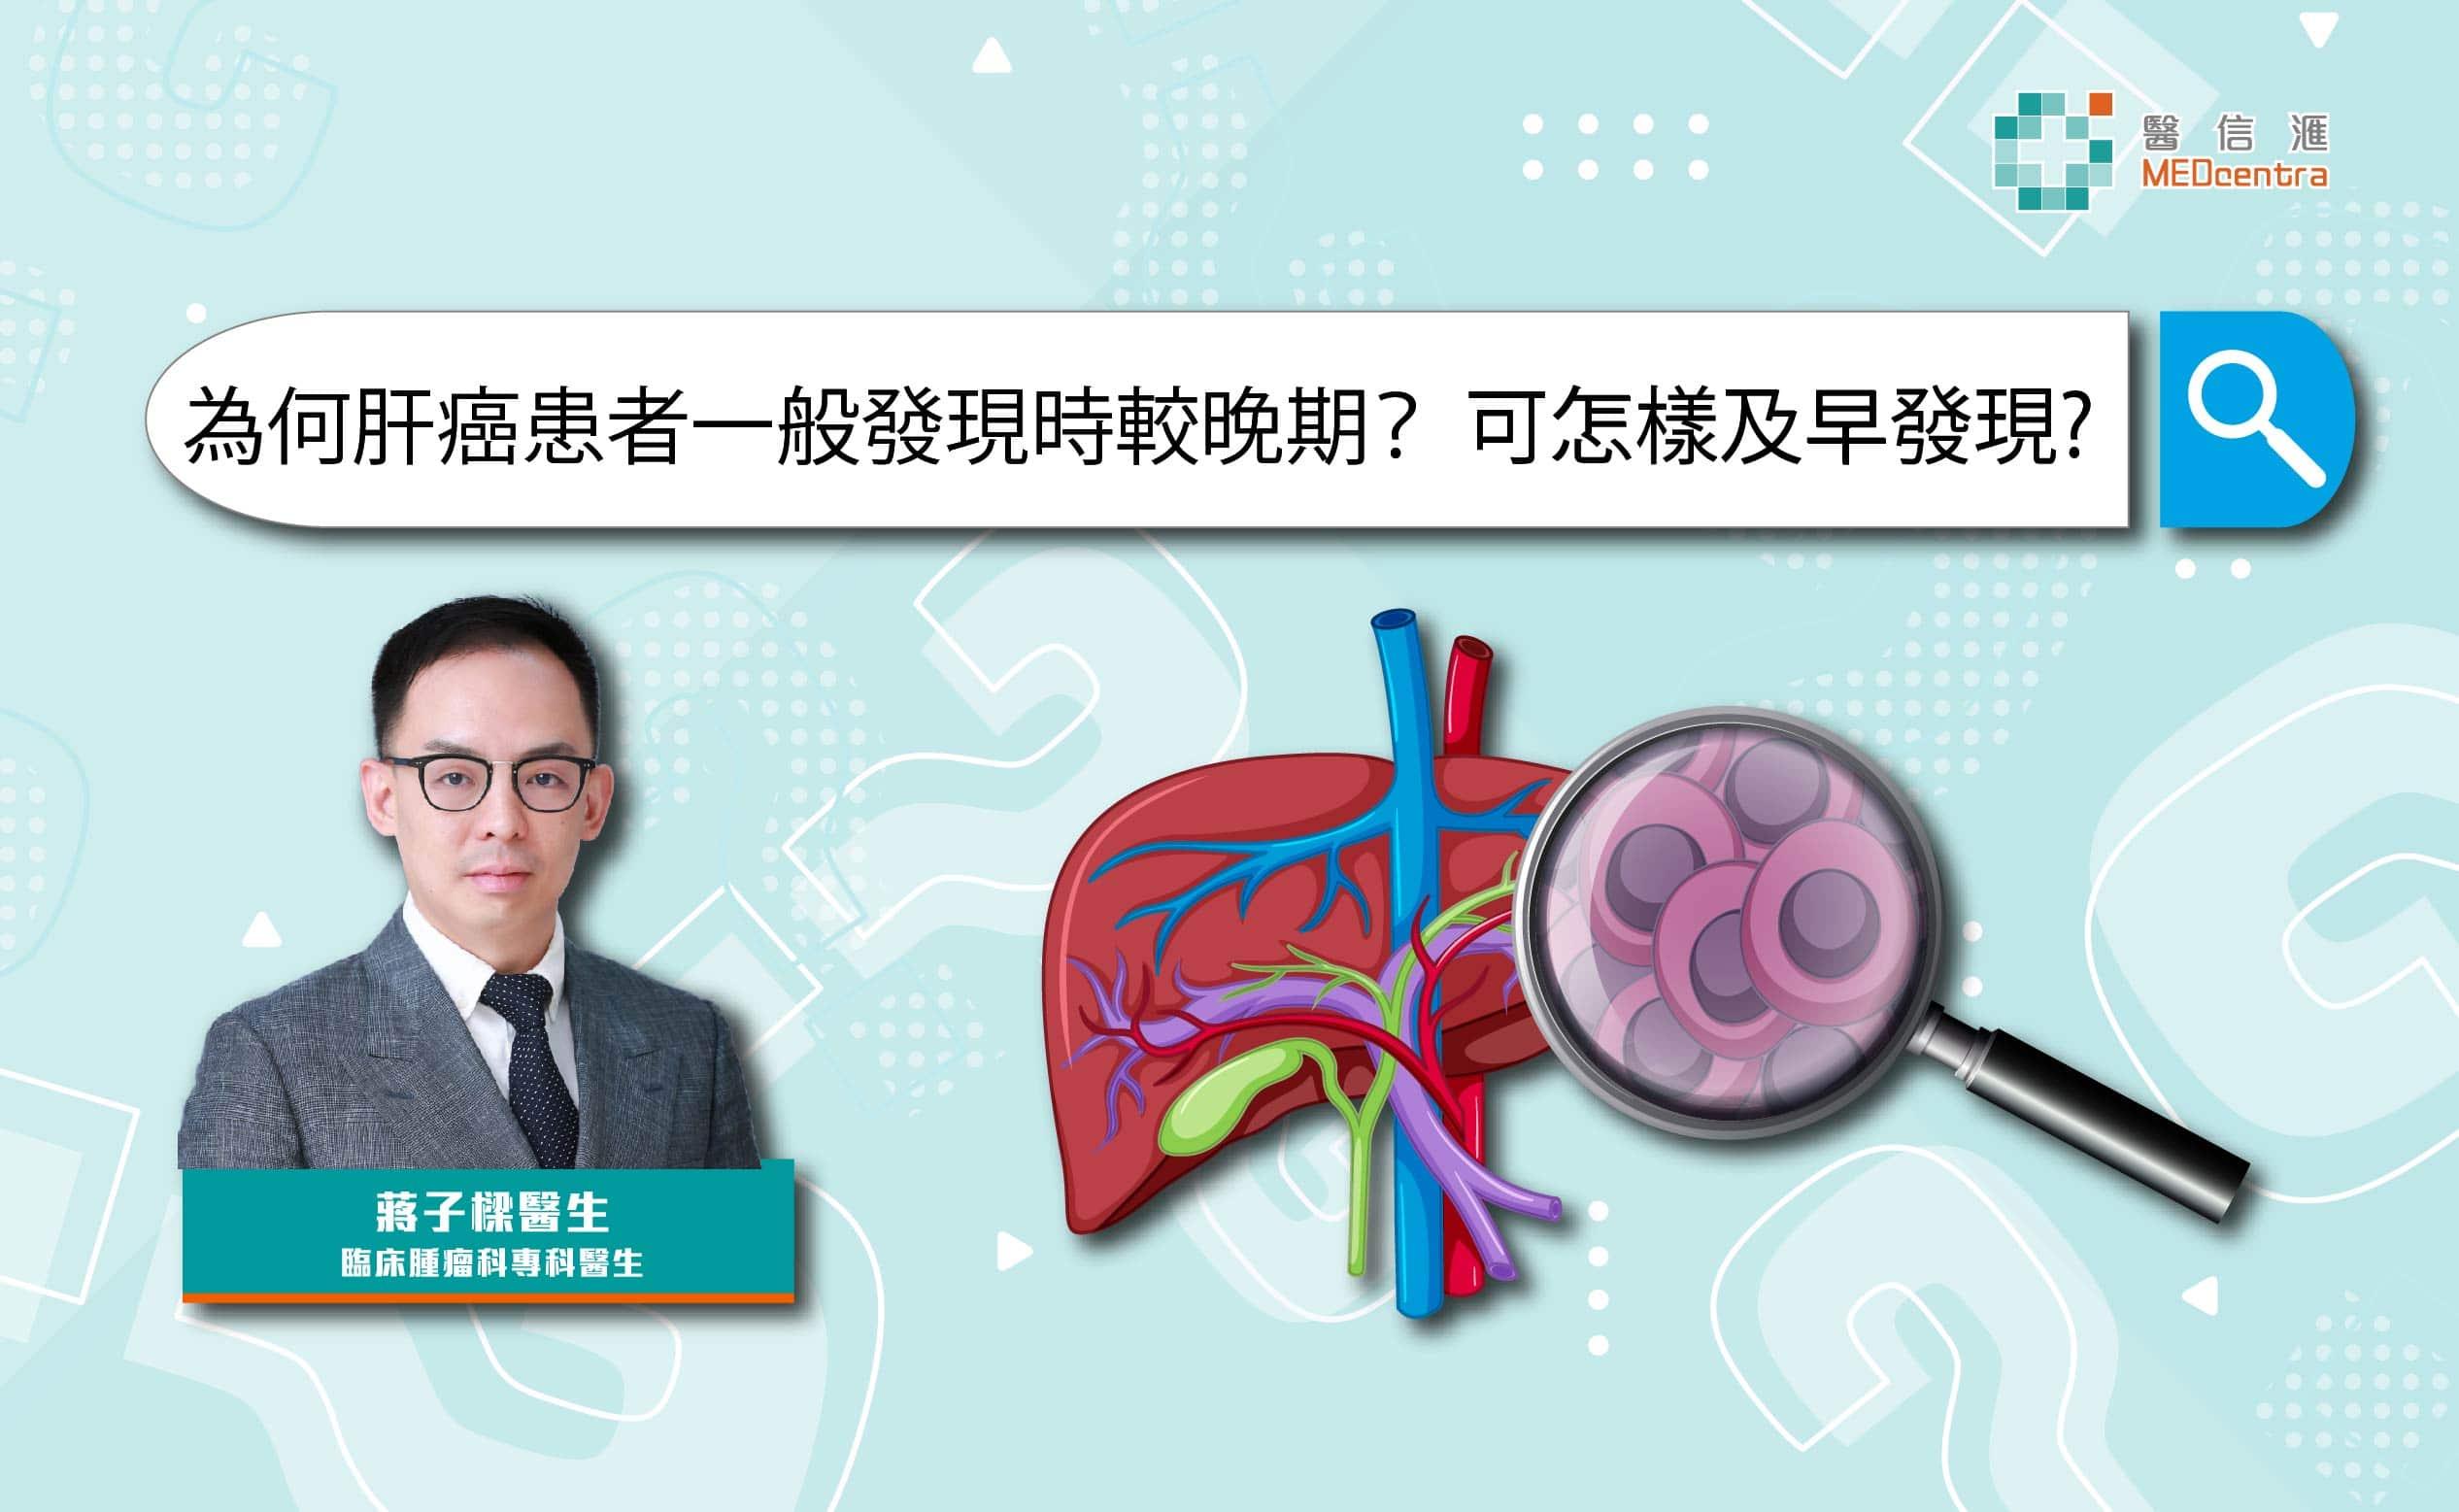 【知多D,心定D-肝癌】為何肝癌患者一般發現時較晚期?可怎樣及早發現?